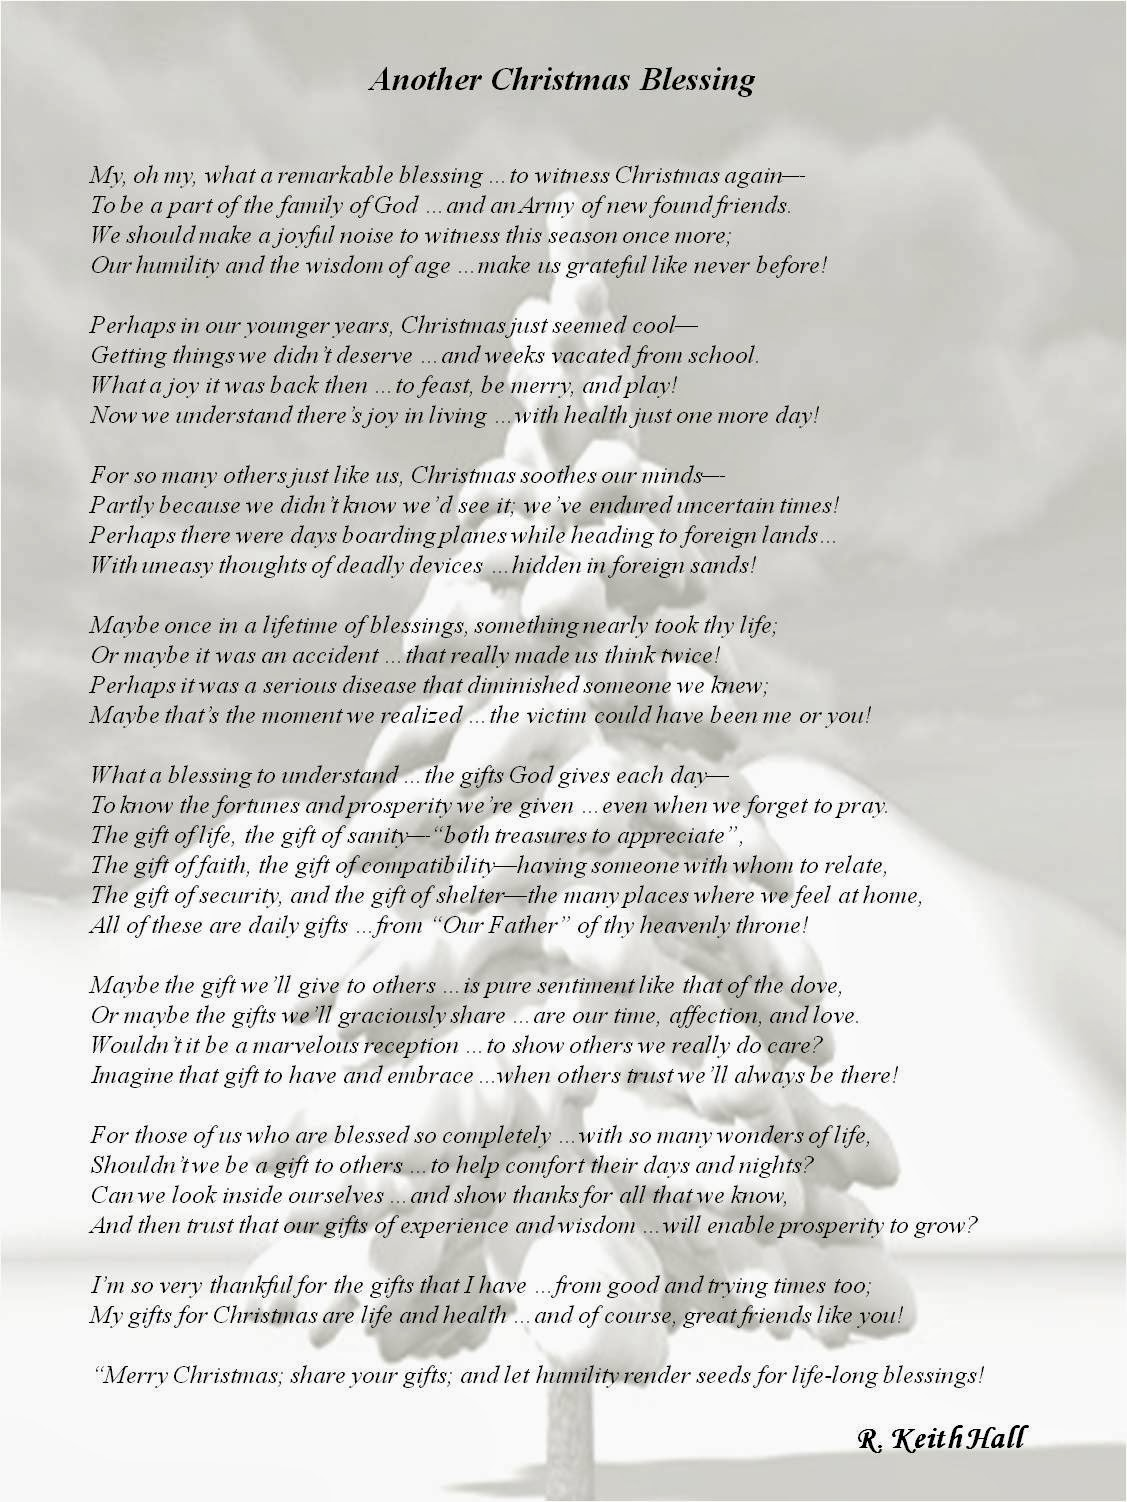 Christmas Blessing Poem.Christmas Blessing Poem 50626 Lineblog